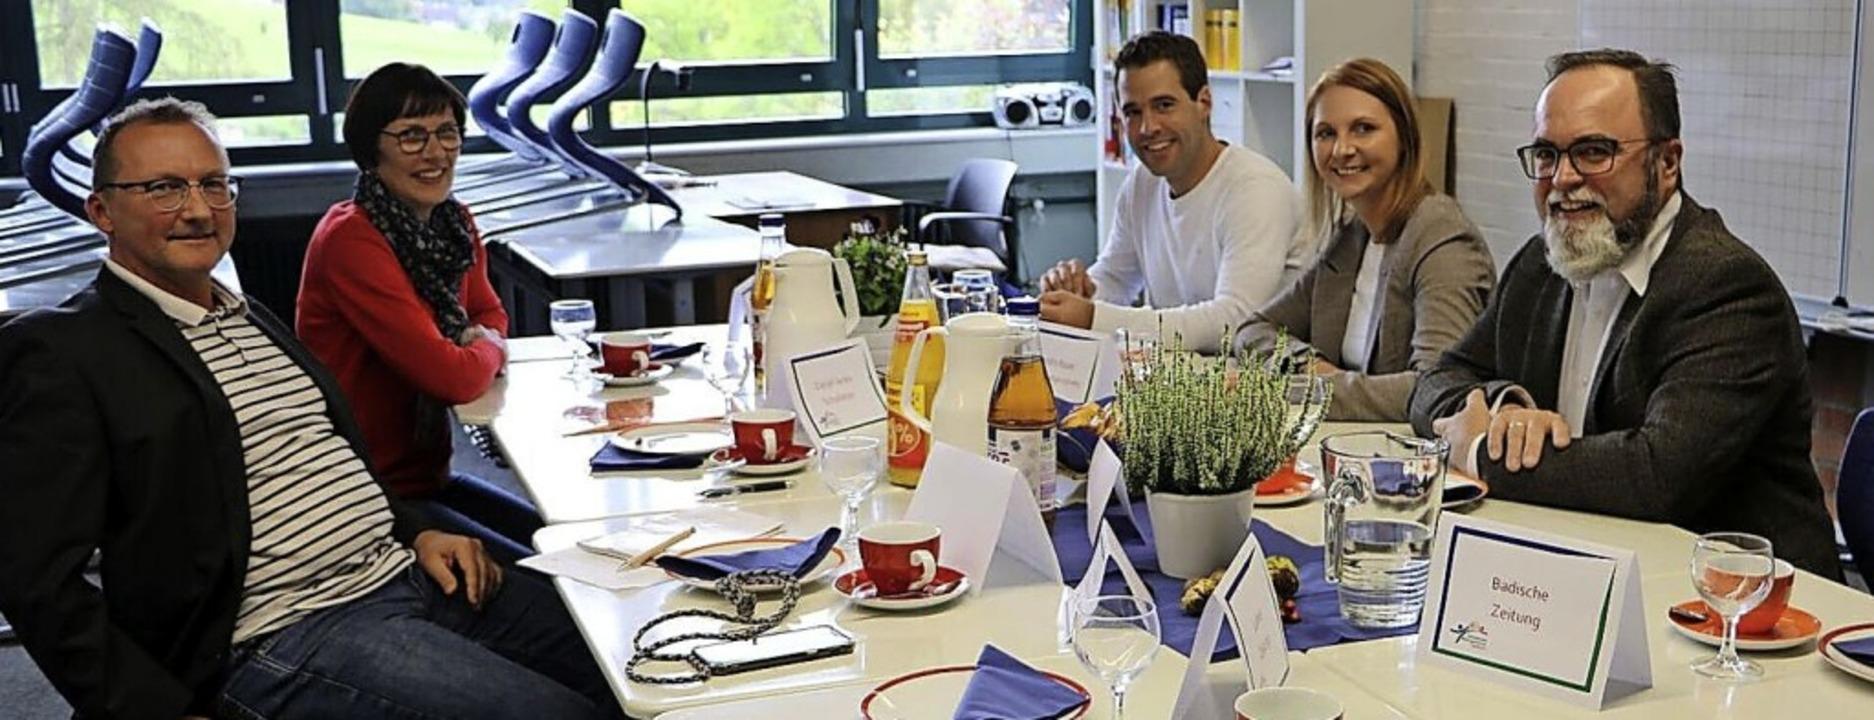 Die Schule war Thema eines Gesprächs  ...rer und Bürgermeister Thomas Schäfer.   | Foto: Wahlkreisbüro Sandra Boser